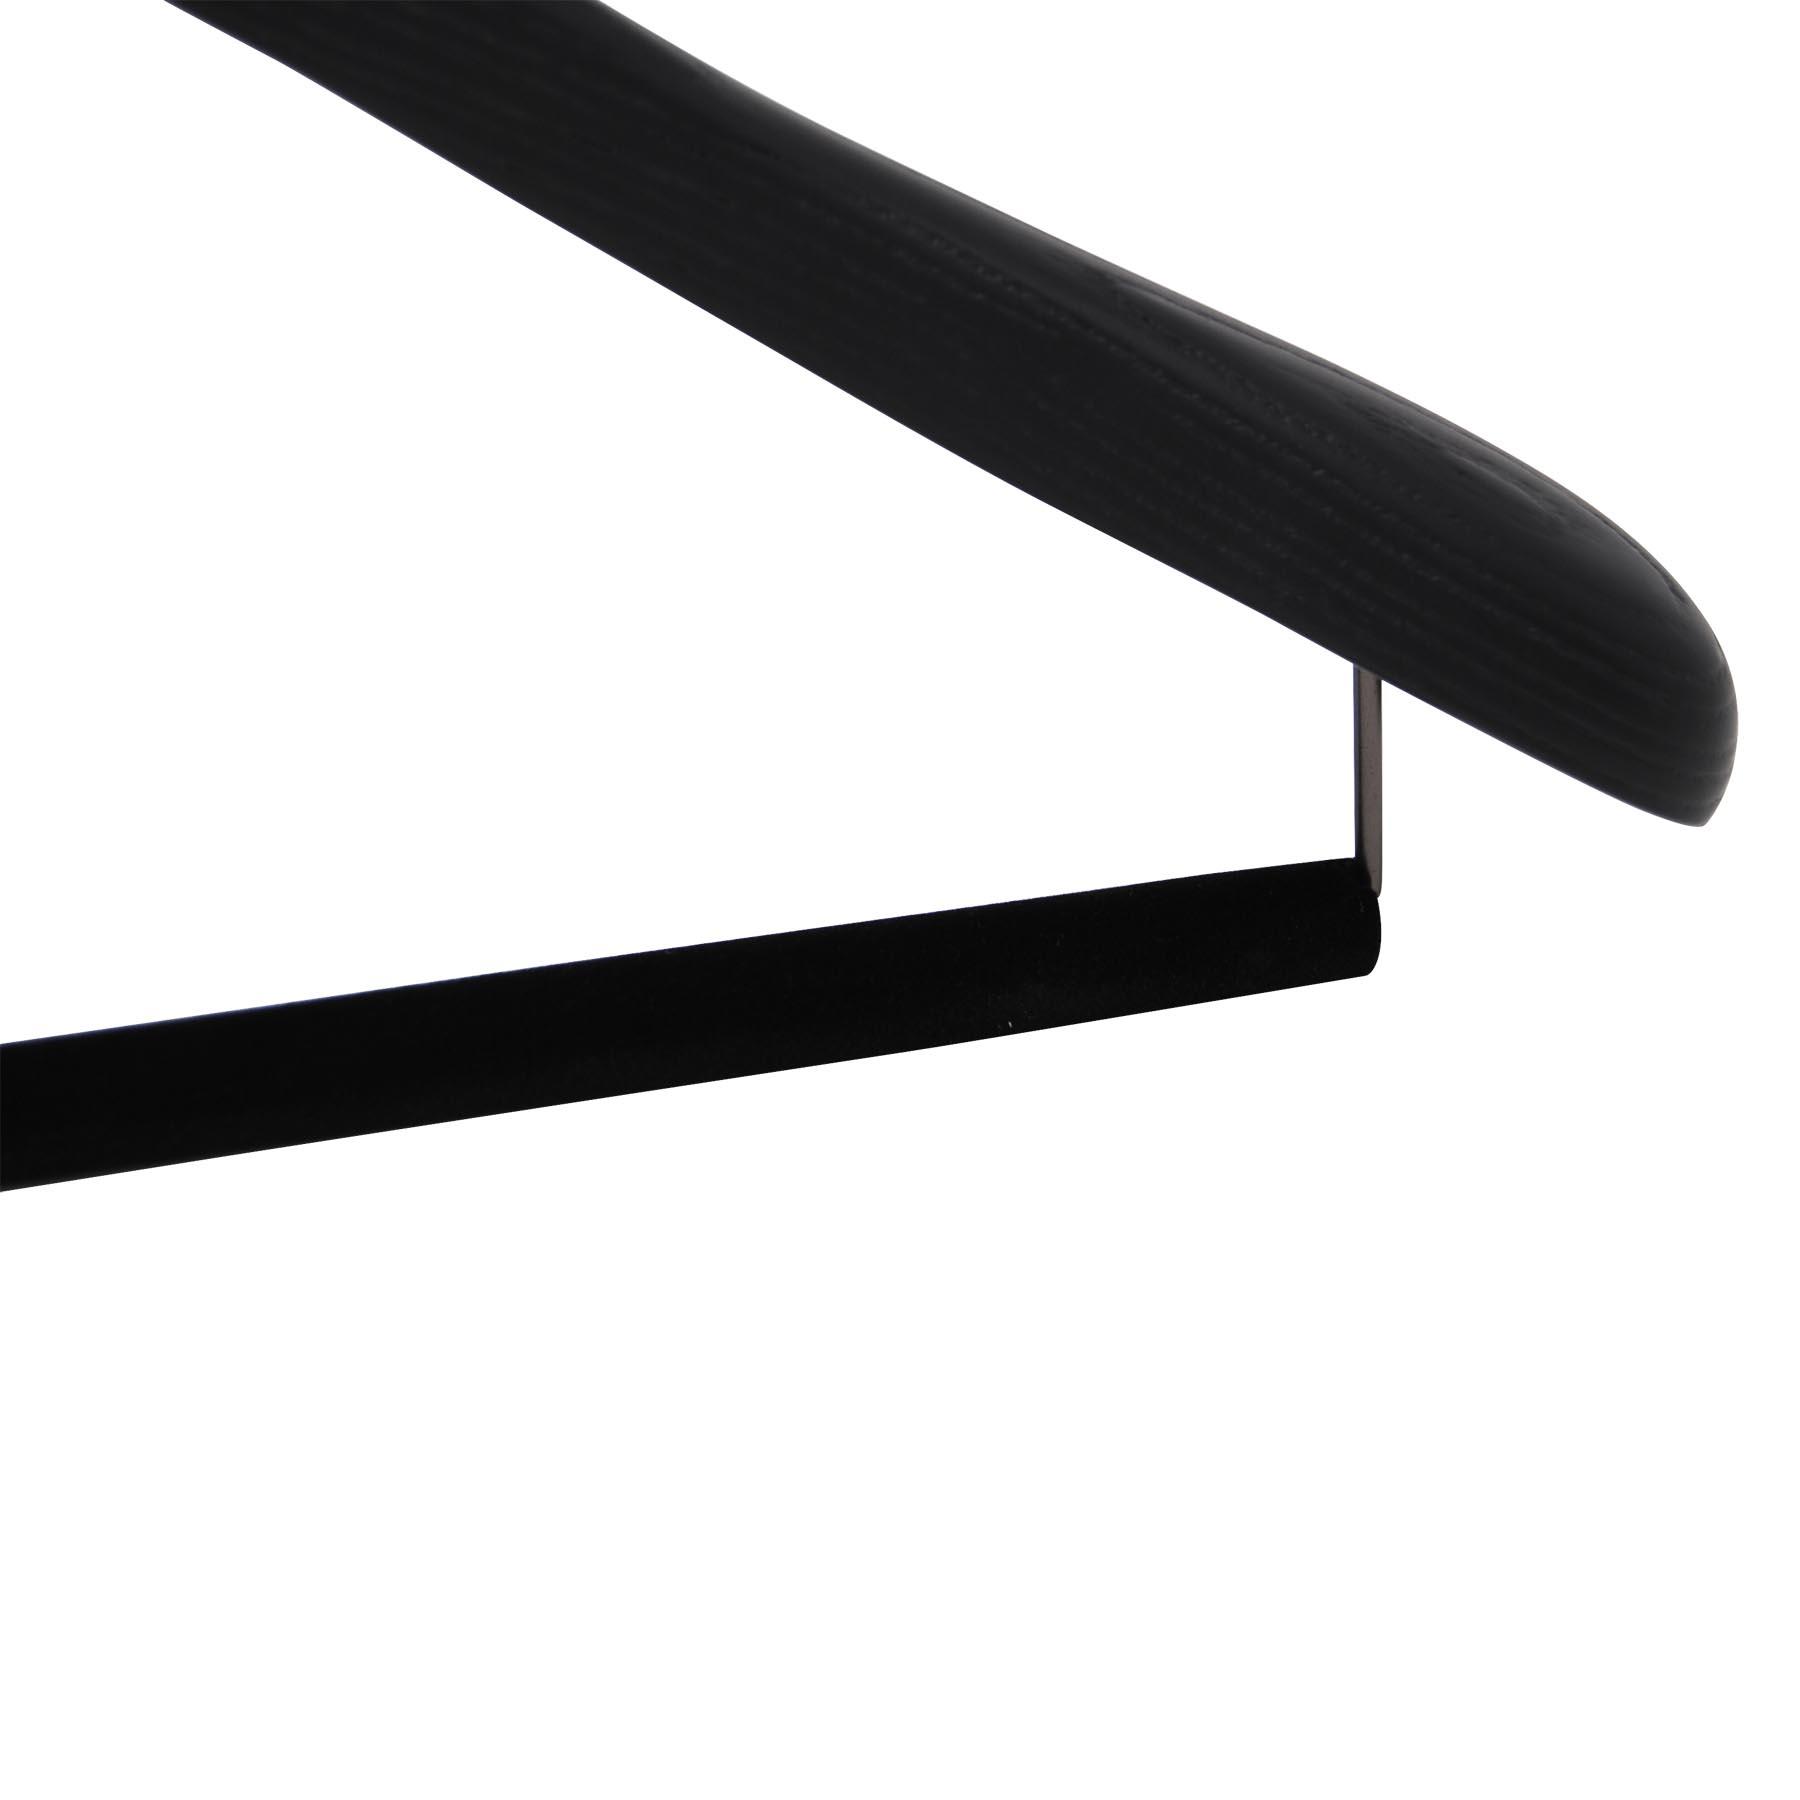 6 cintres pour costumes en bois de frêne noir brossé pour un dressing élégant